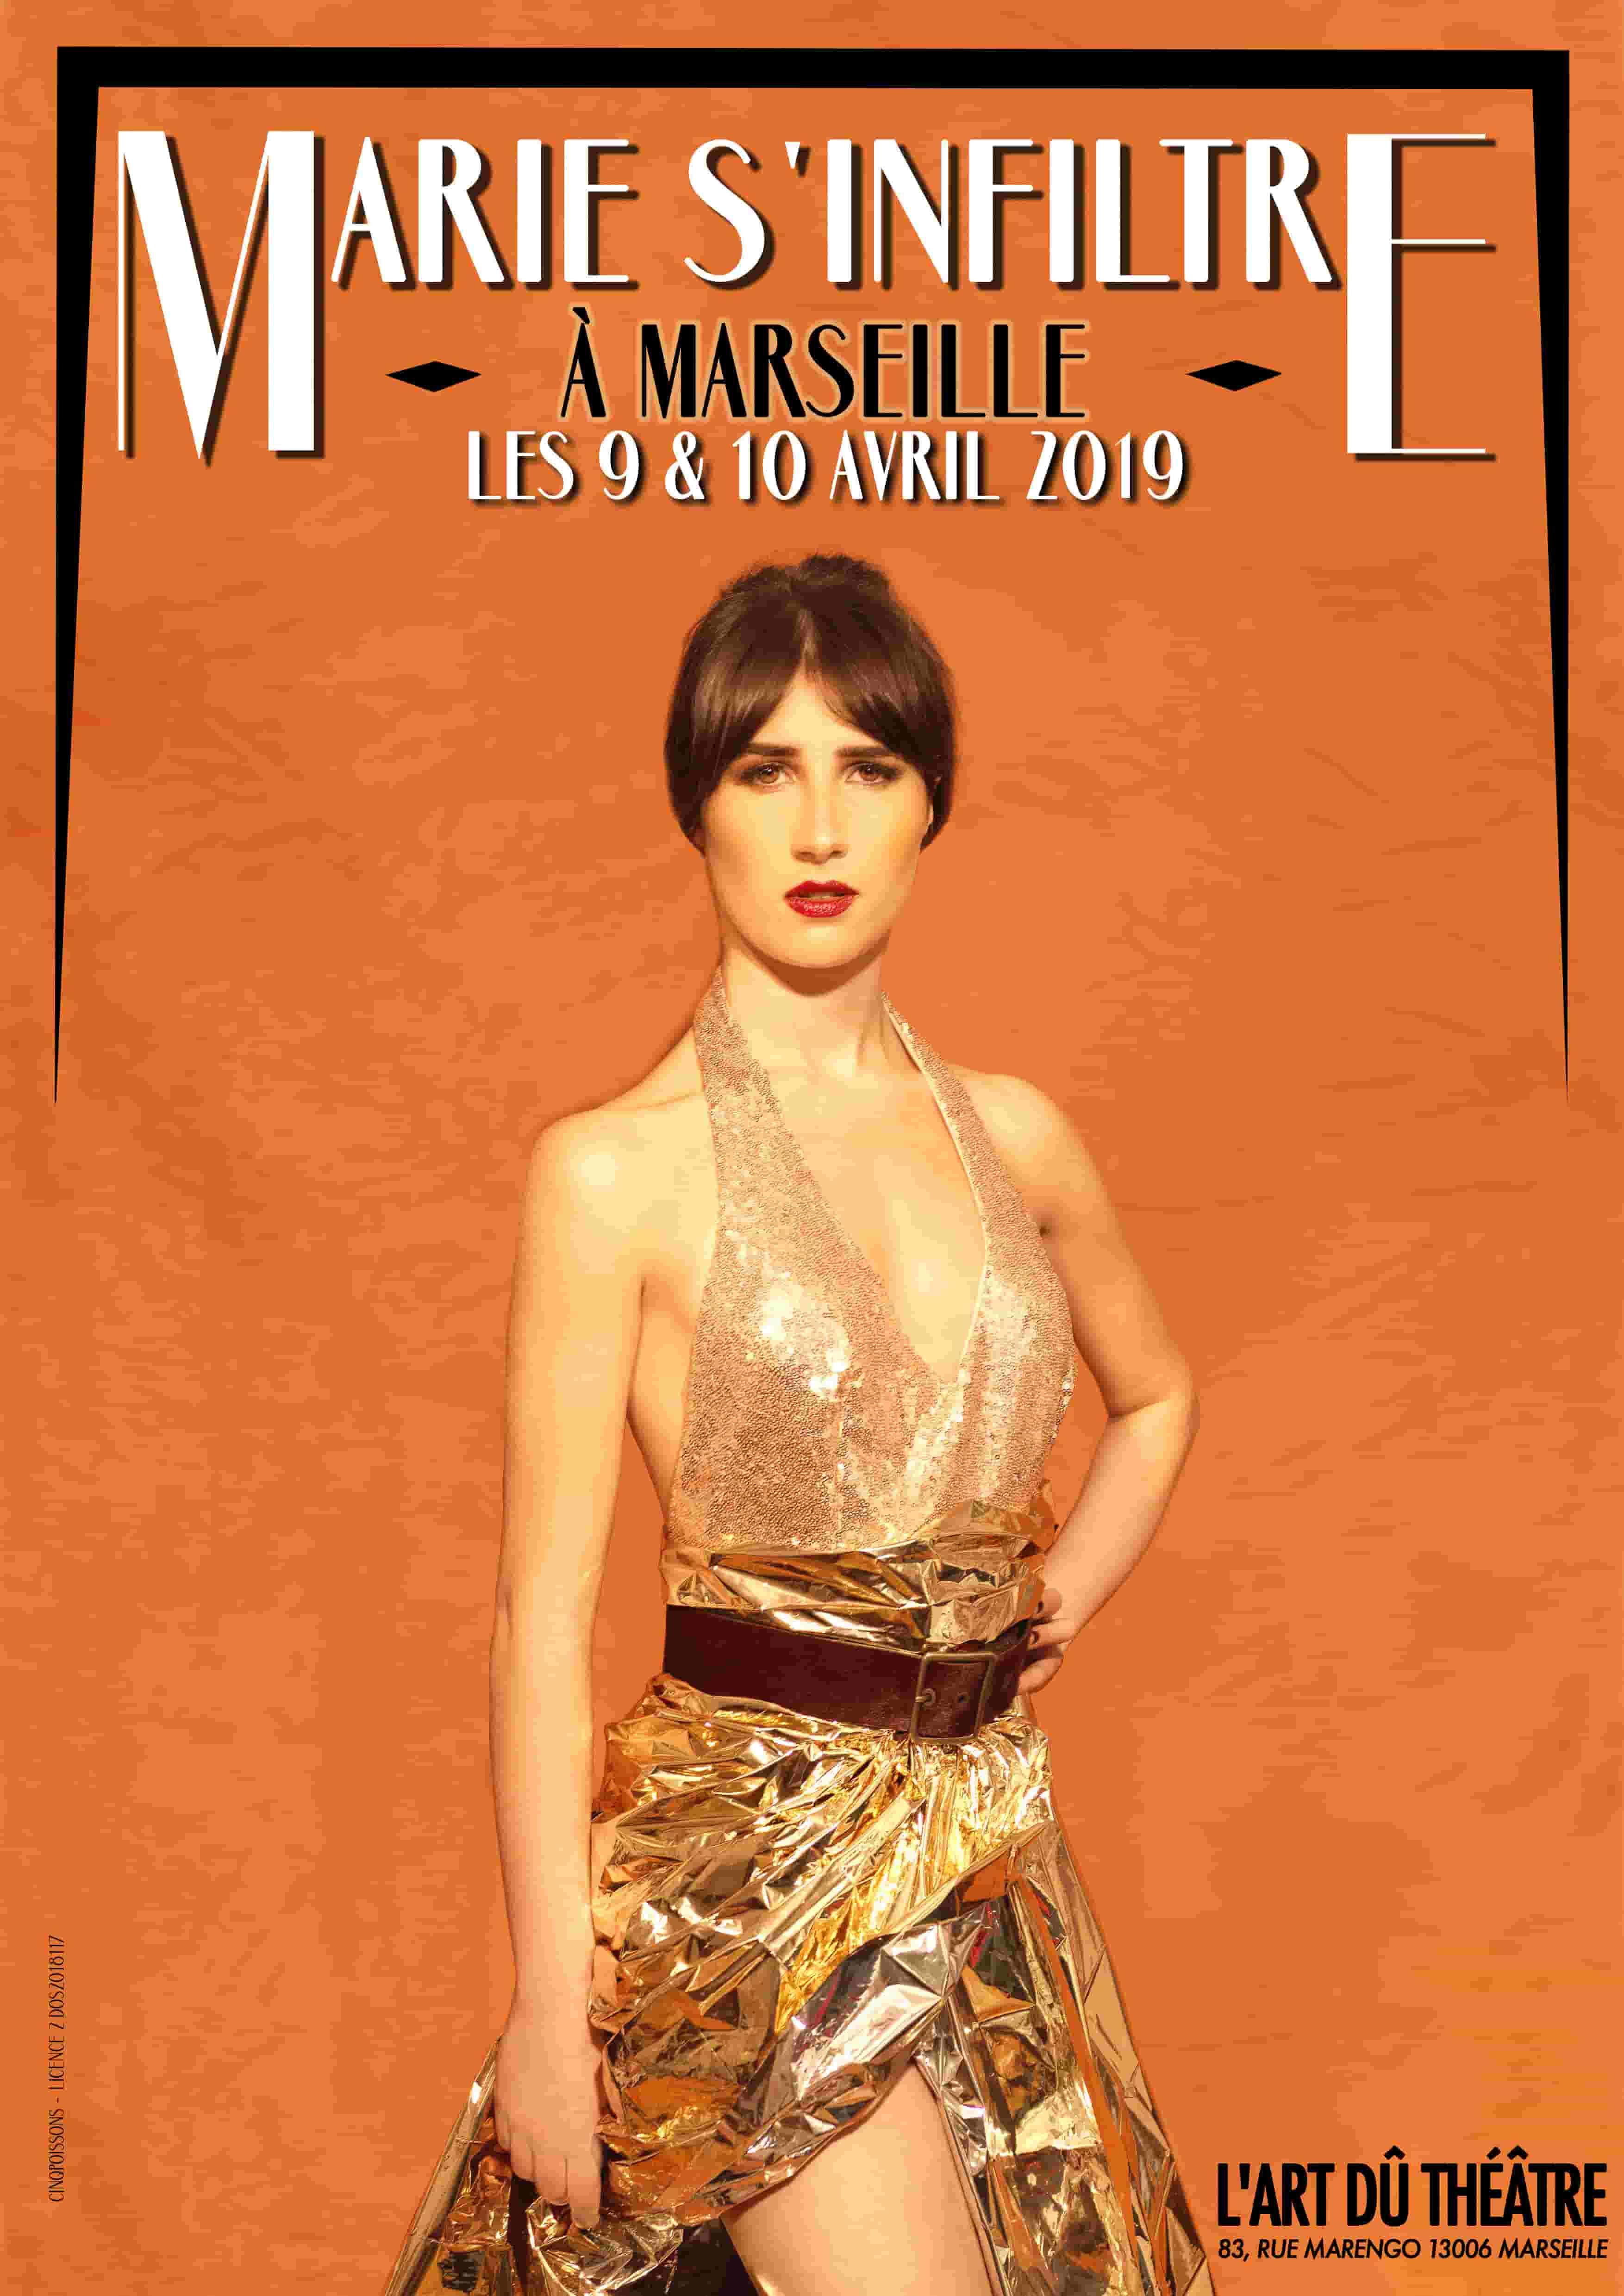 Marie s'inflitre - Humour - Marseille - L'Art Dû